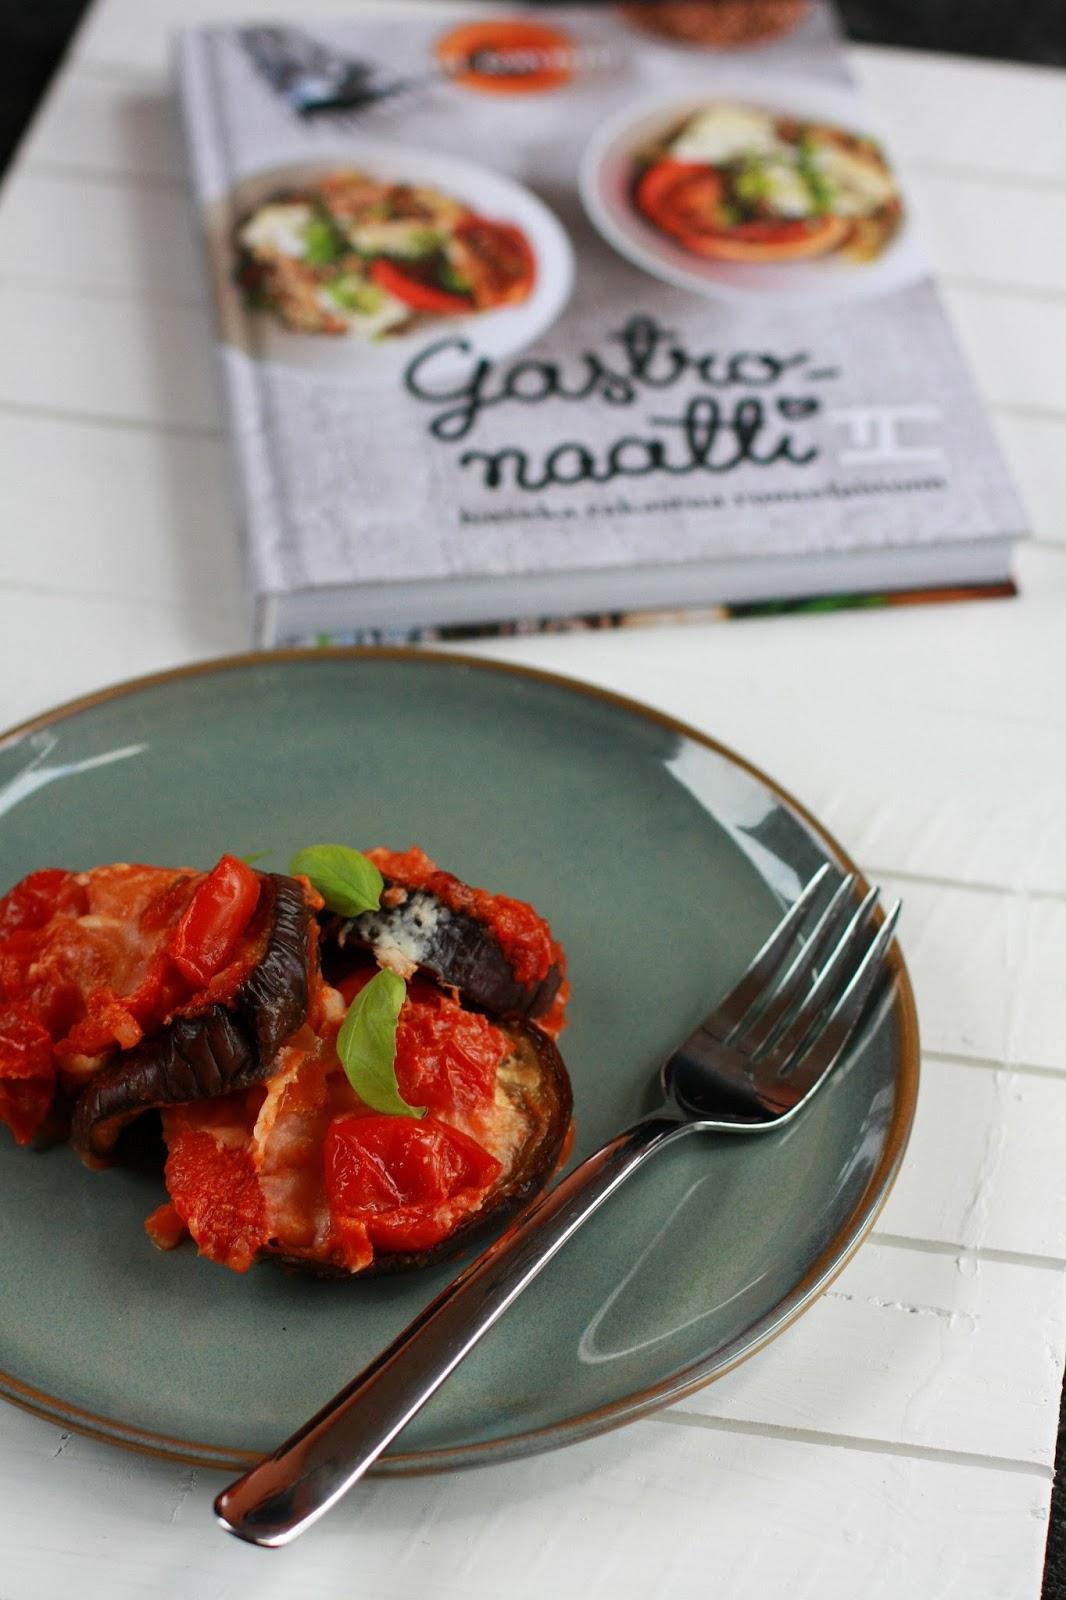 munakoisovuoka munakoiso gastronaatti mallaspulla kasvisruoka